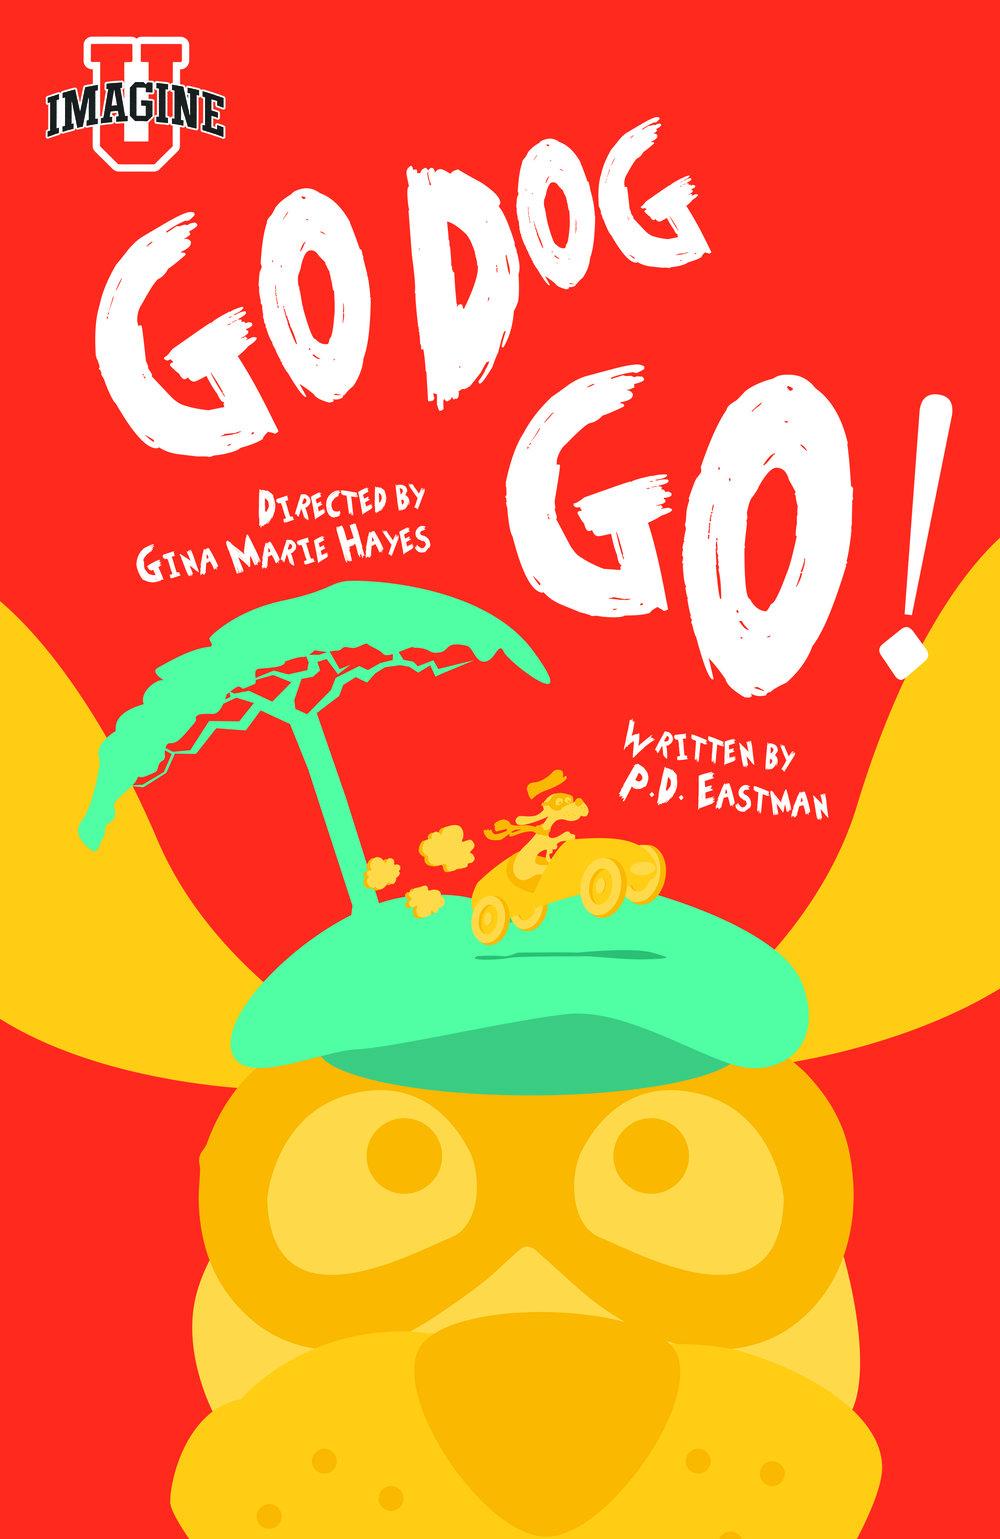 GoDogGo-11x17.jpg